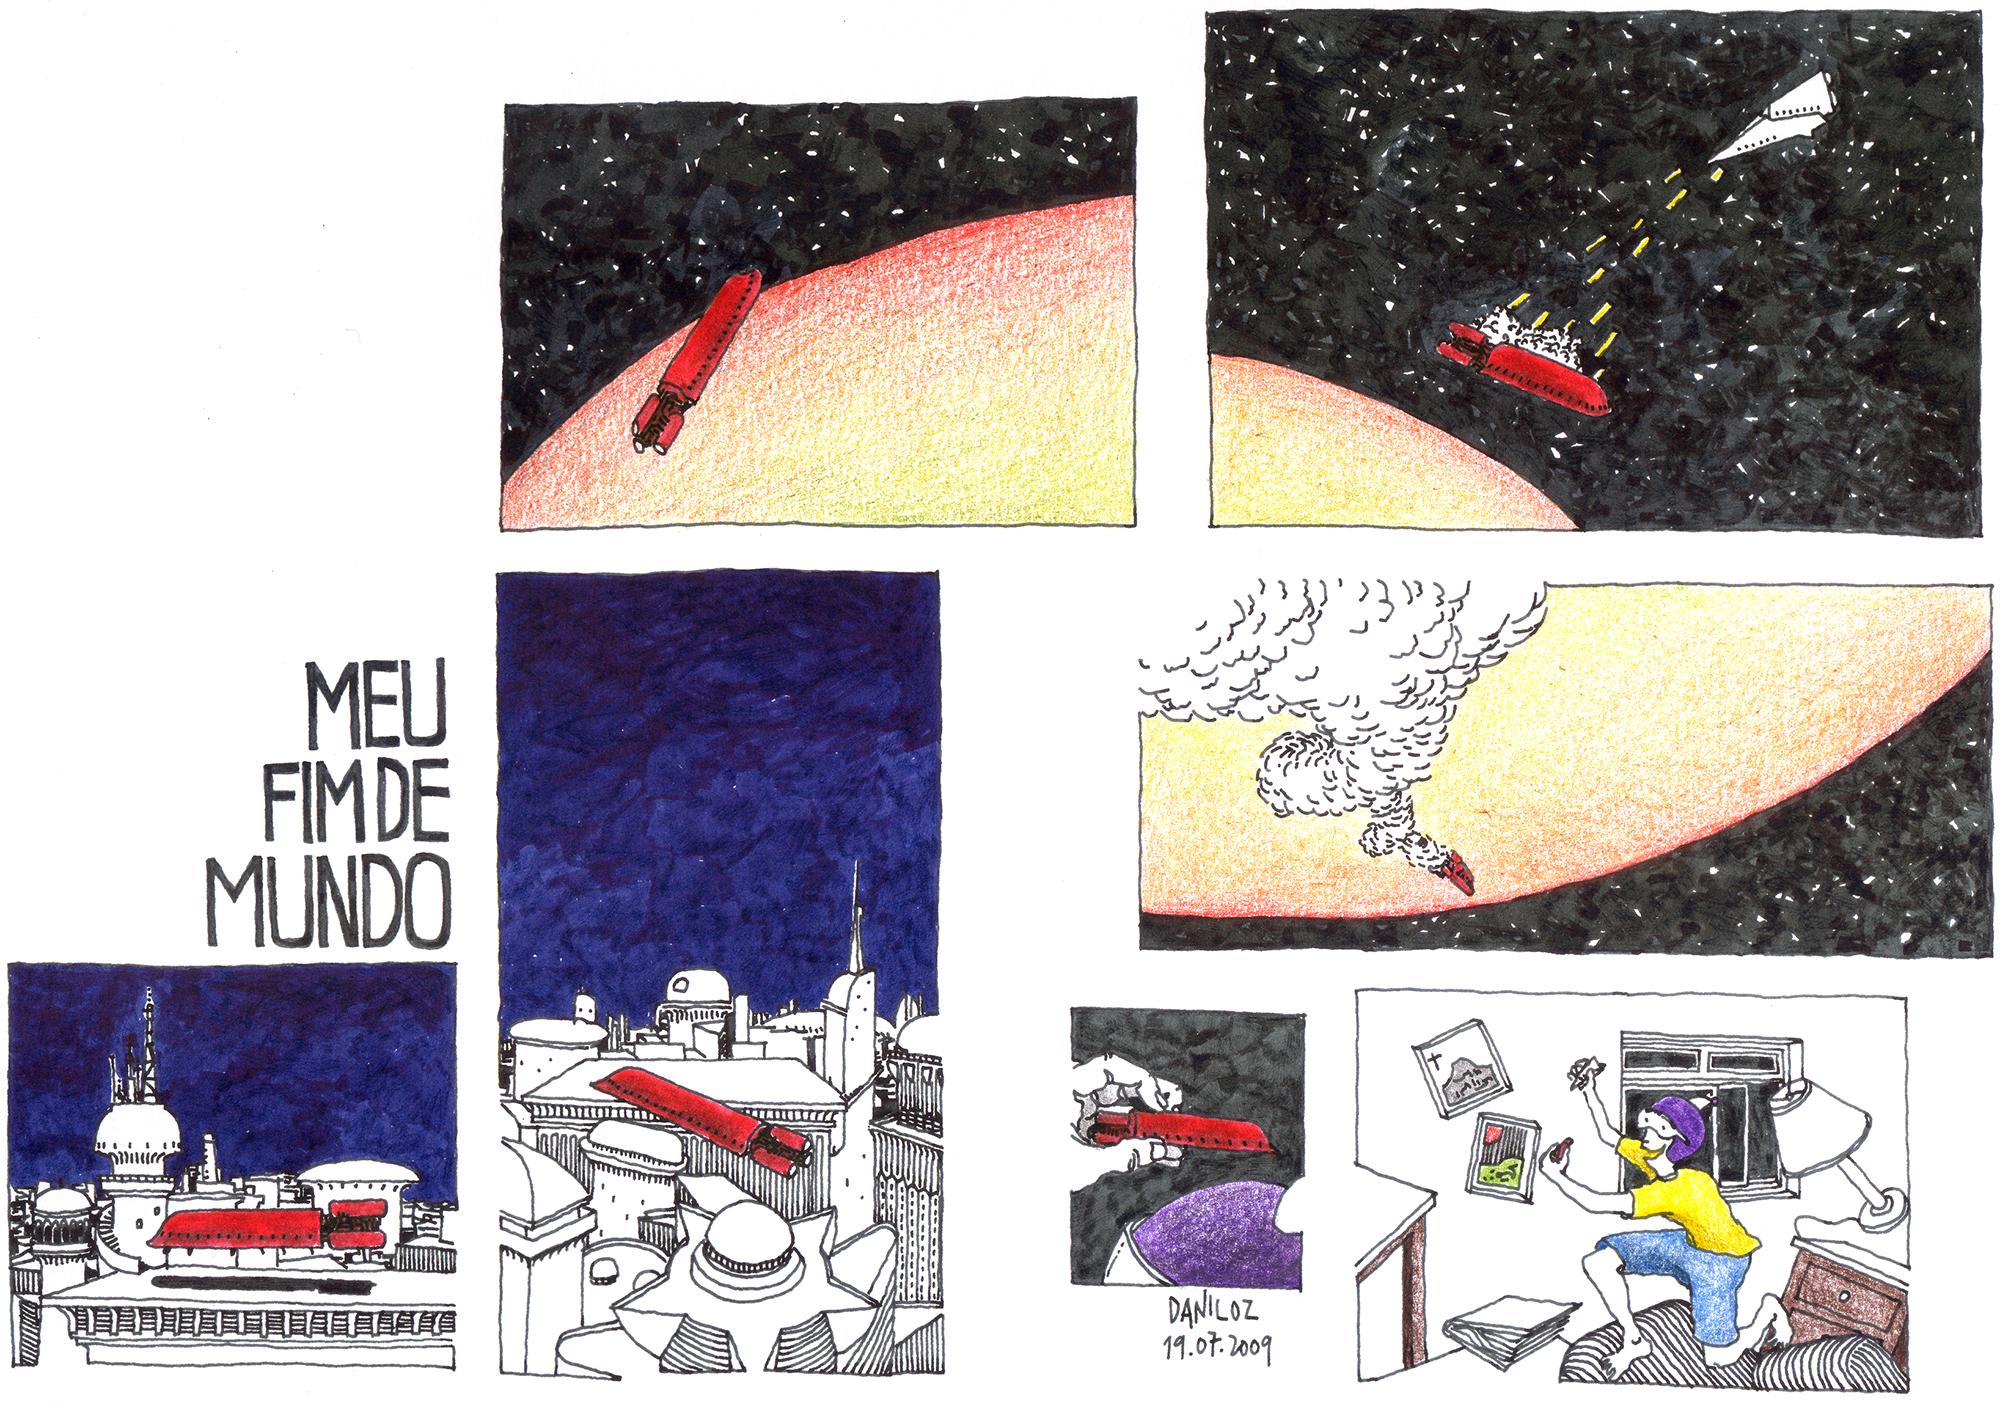 Meu-Fim-de-Mundo-08-daniloz